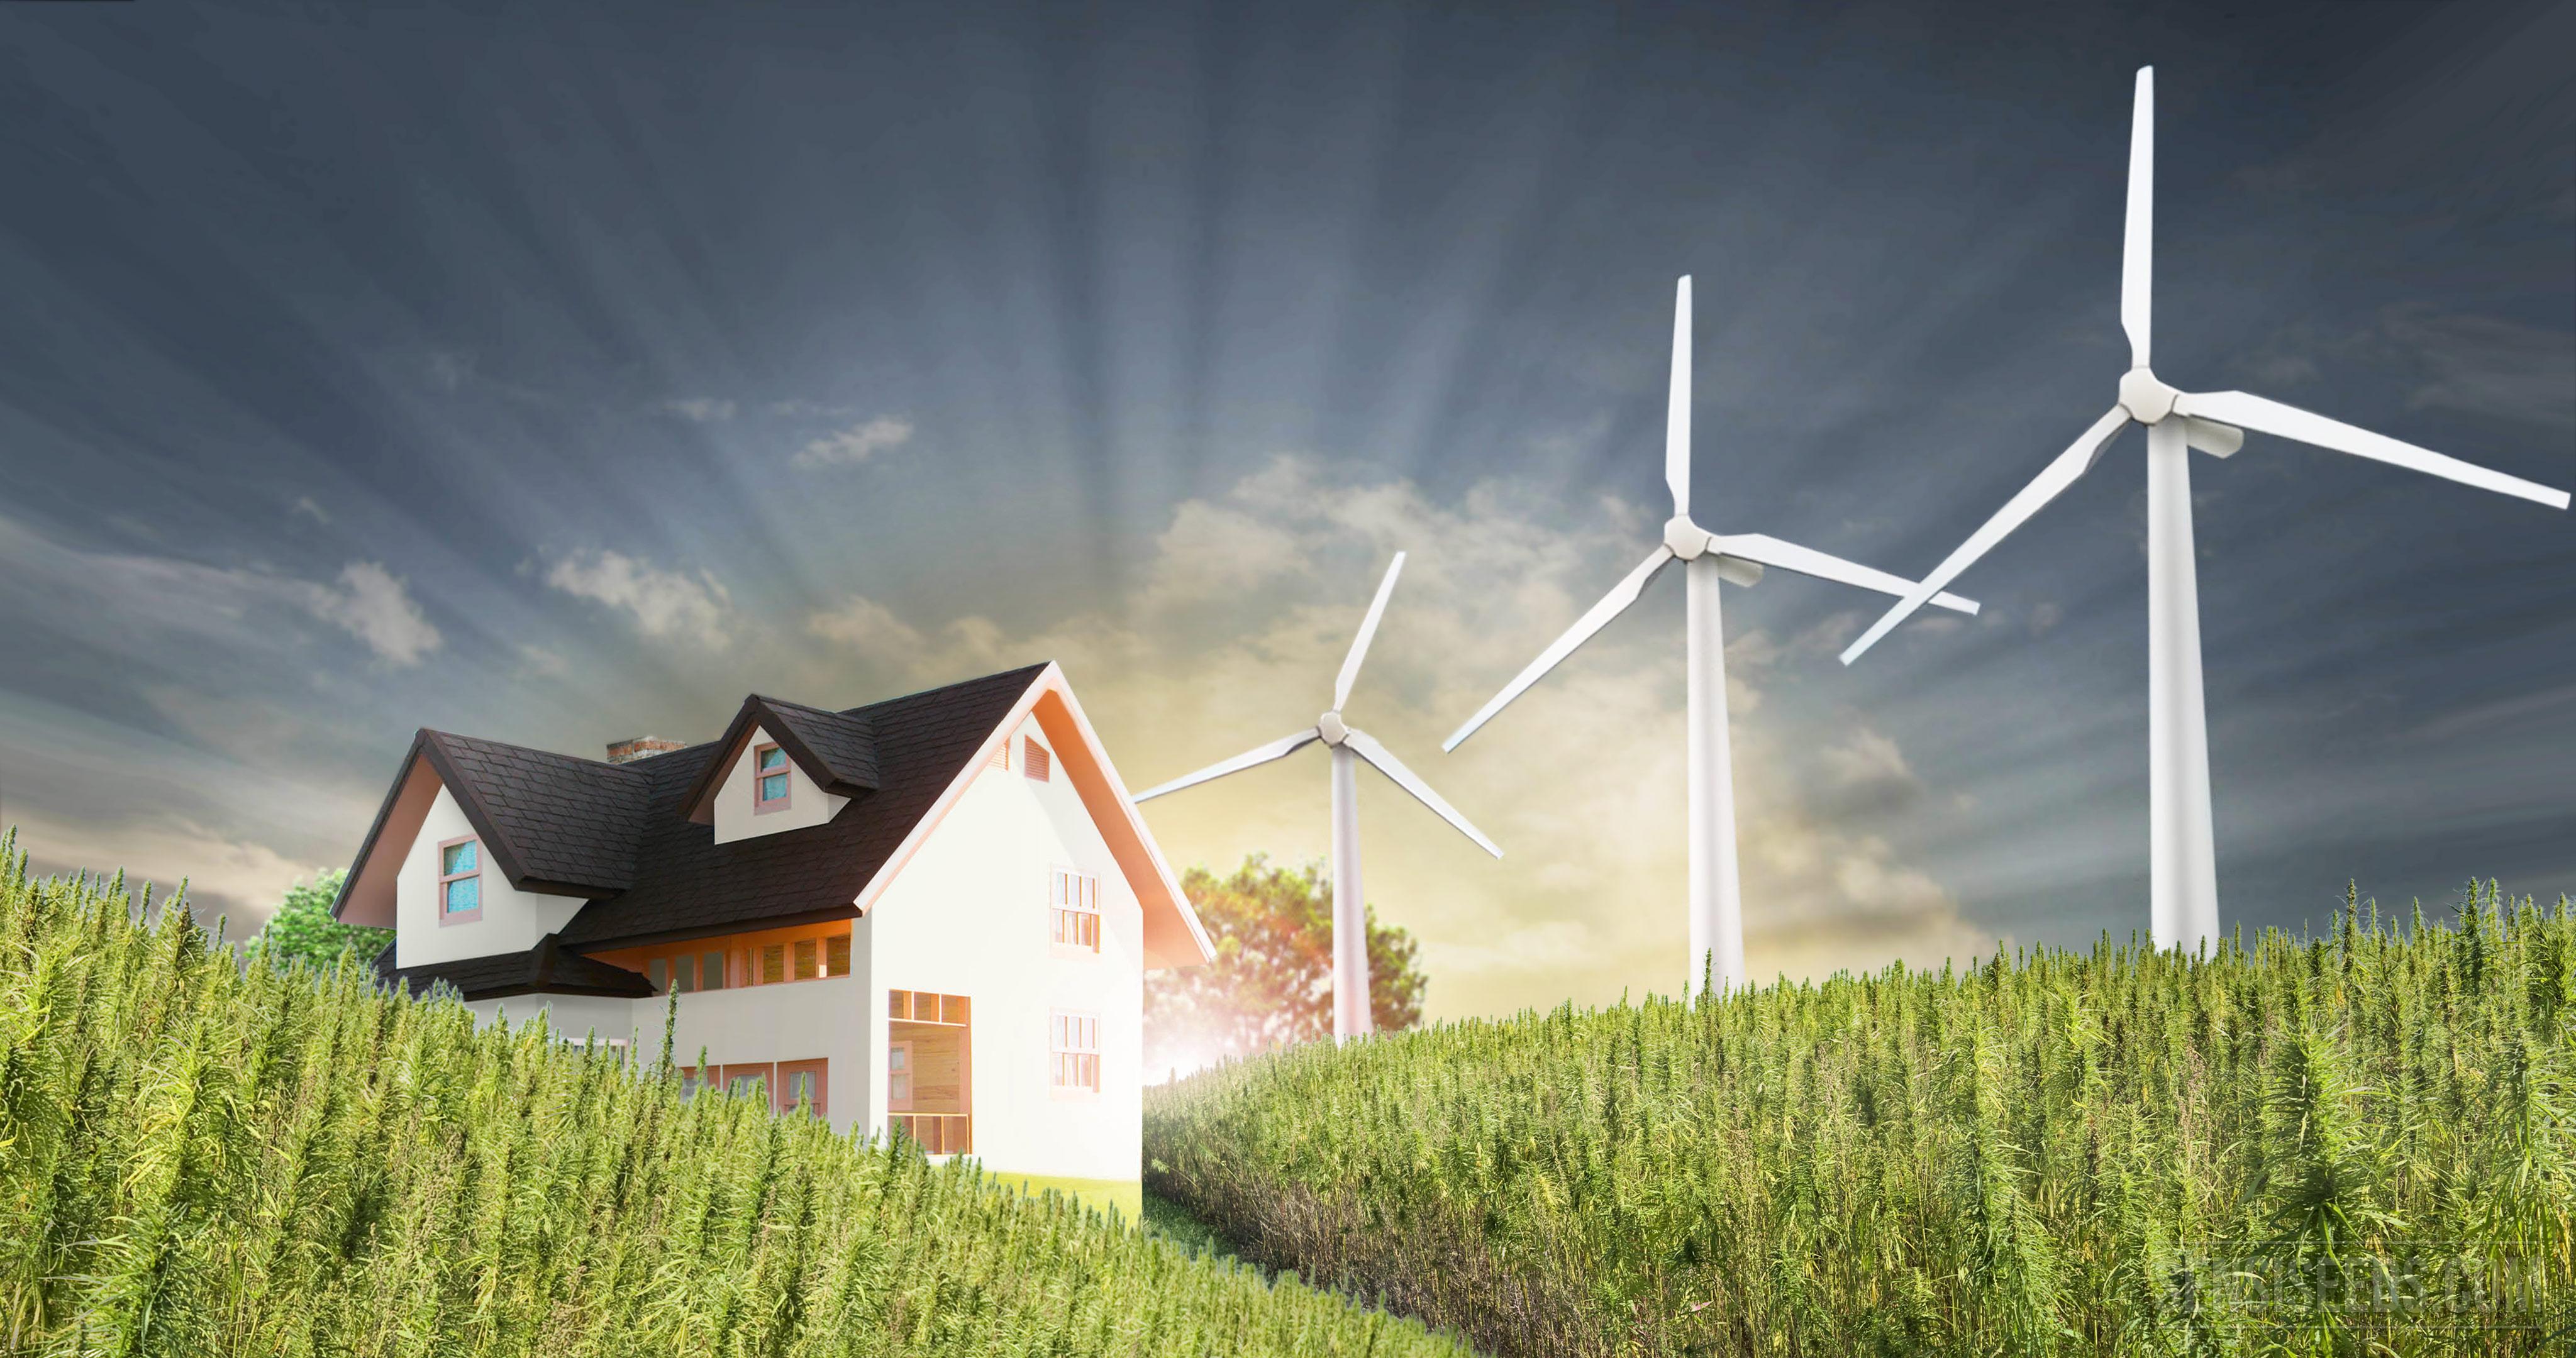 Comment construire une maison de chanvre les rudiments for Batir une maison prix